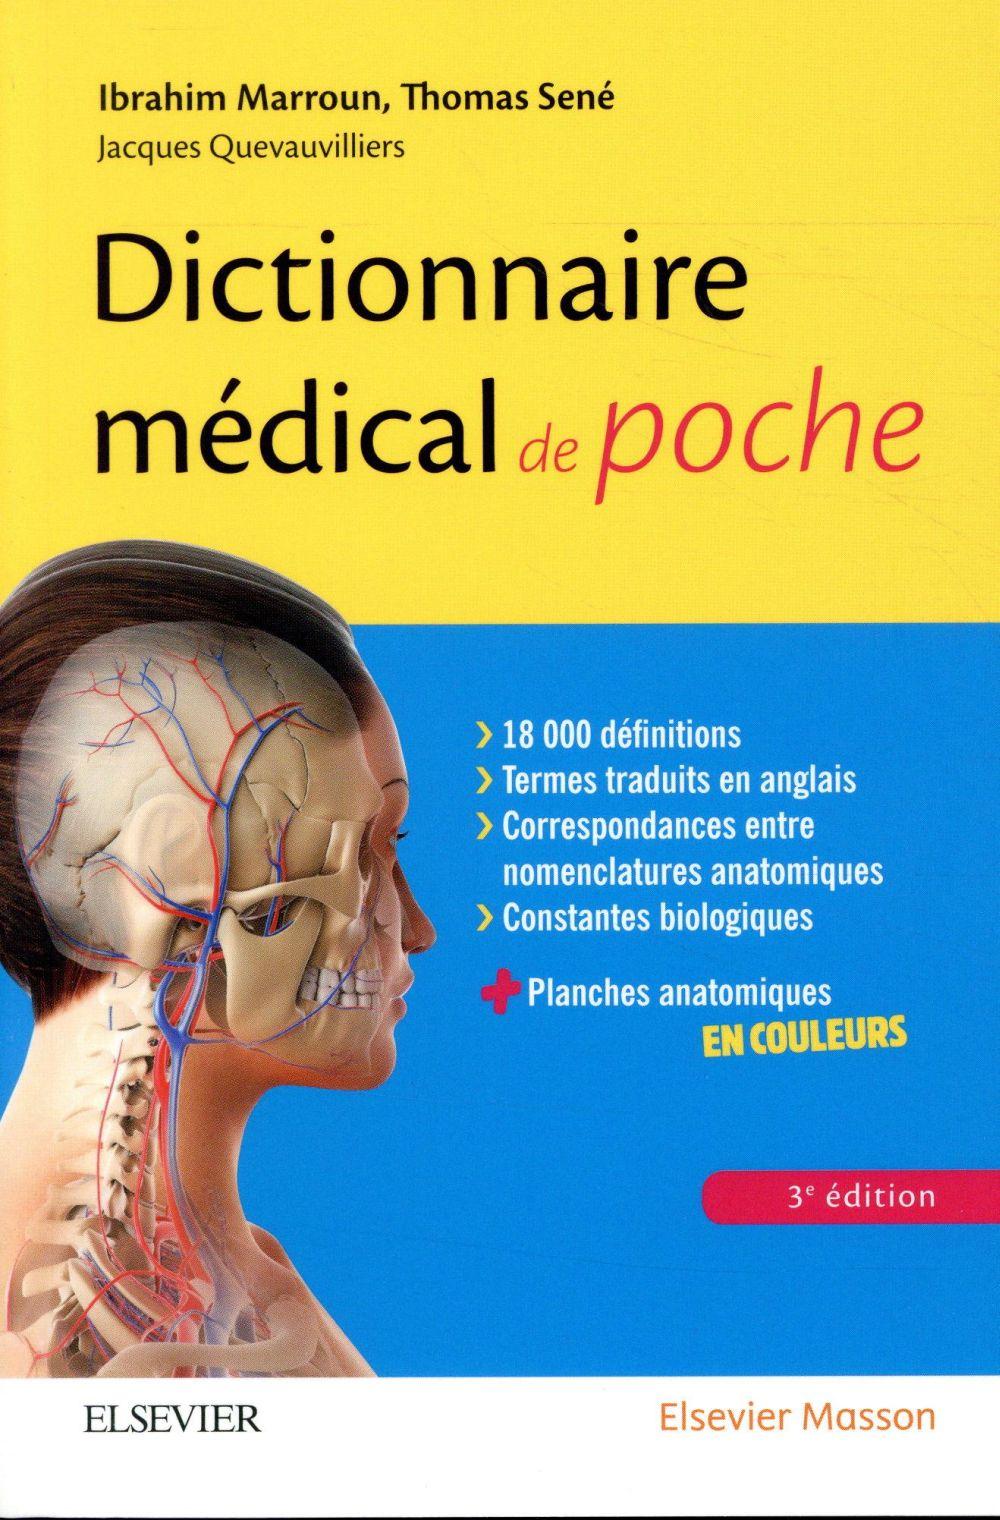 DICTIONNAIRE MEDICAL DE POCHE (3E EDITION) MARROUN, IBRAHIM  MASSON